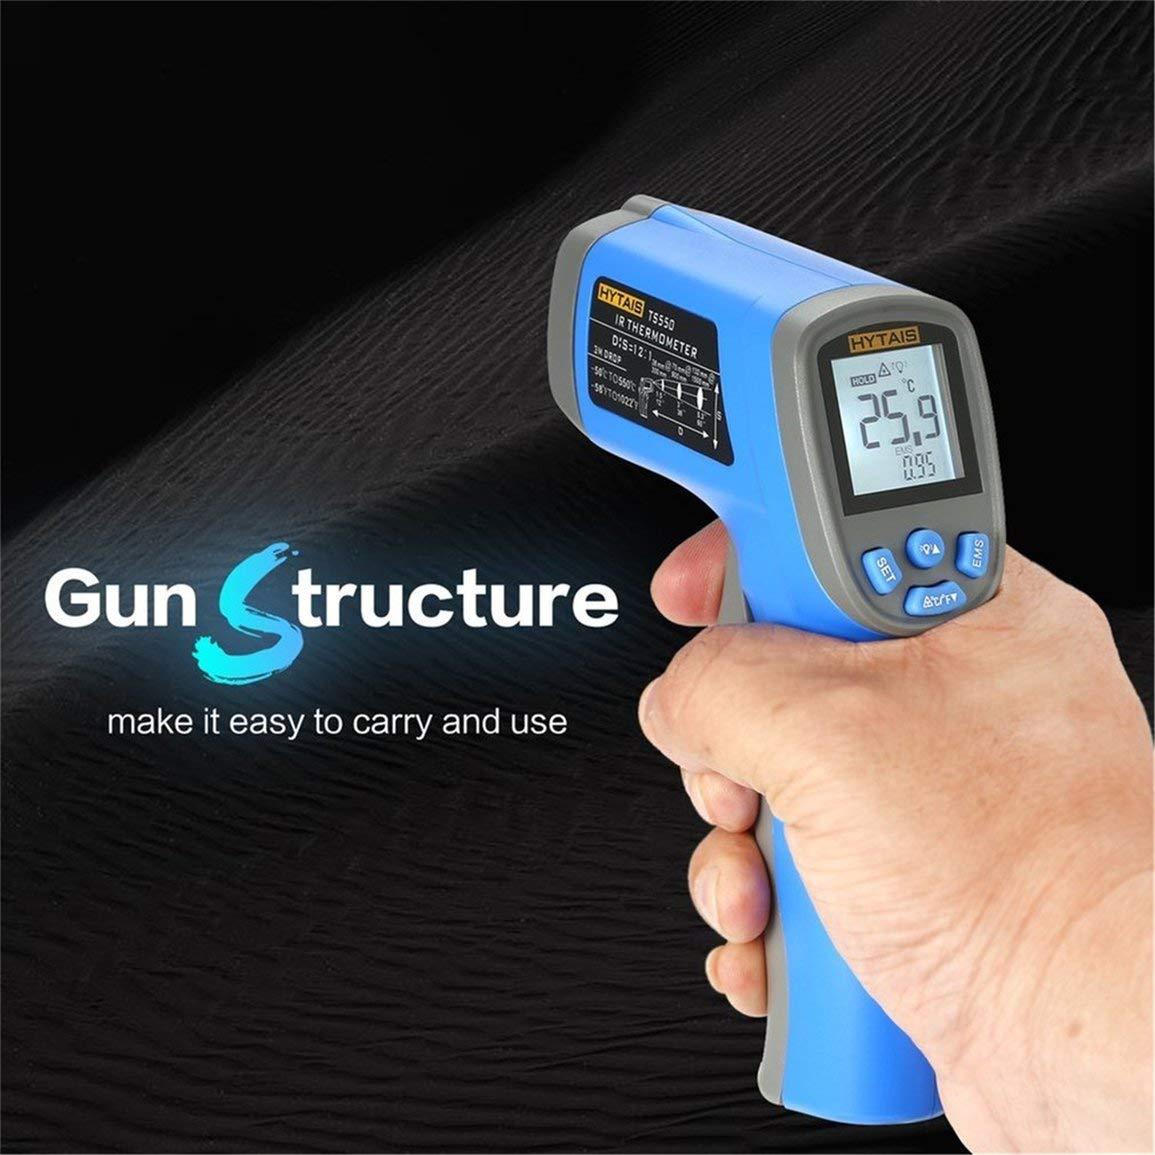 con sensore laser IR senza contatto retroilluminazione LCD HYTAIS TS550 Termometro digitale a infrarossi per temperatura industriale